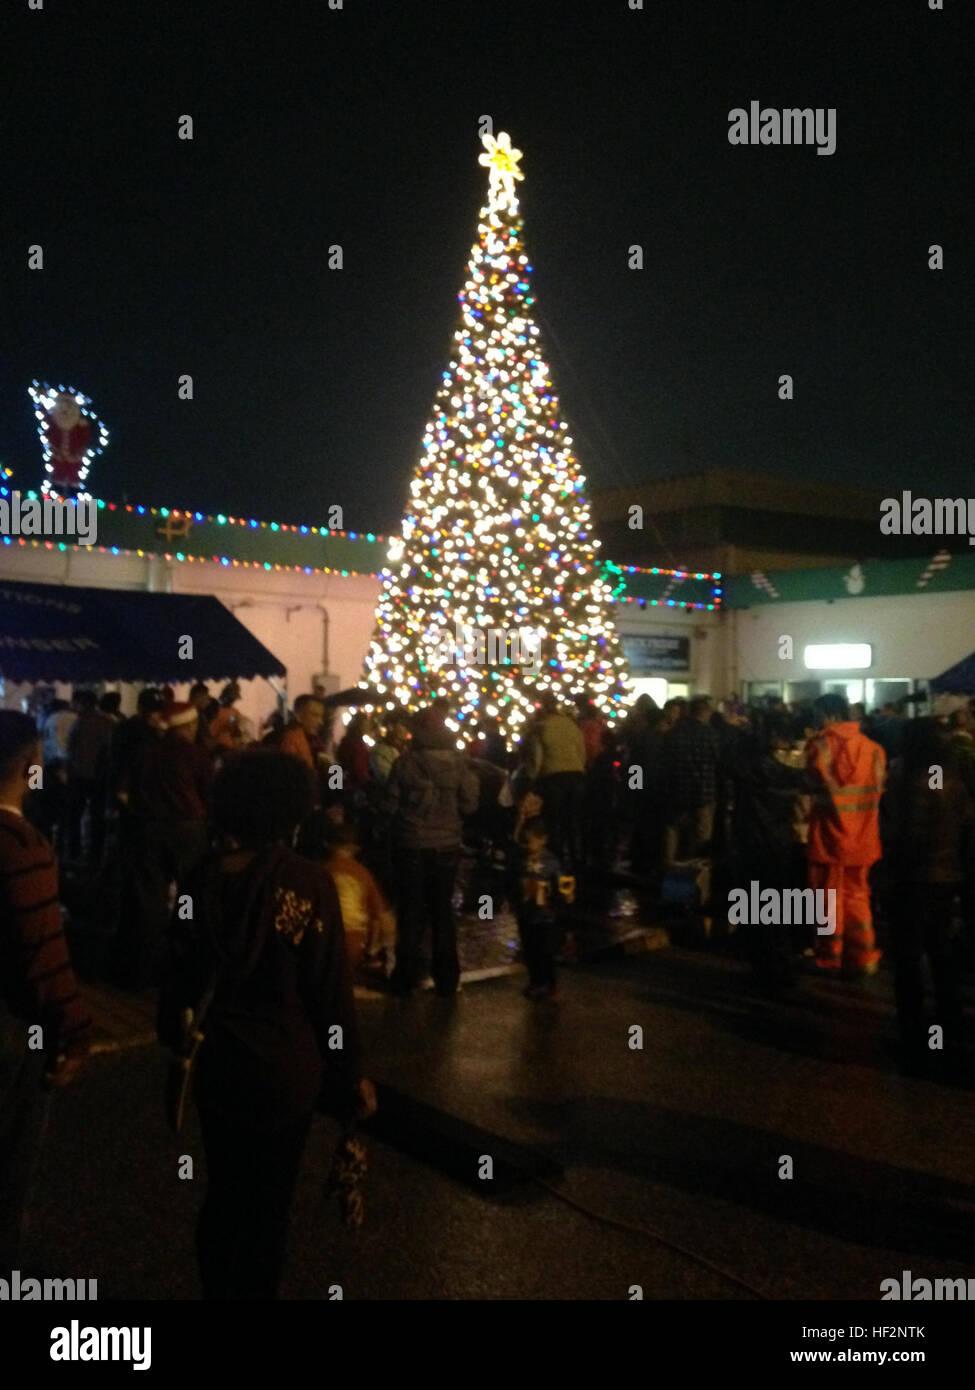 Tolle Weihnachtsbaum Recycling San Diego Ideen - Weihnachtsbilder ...